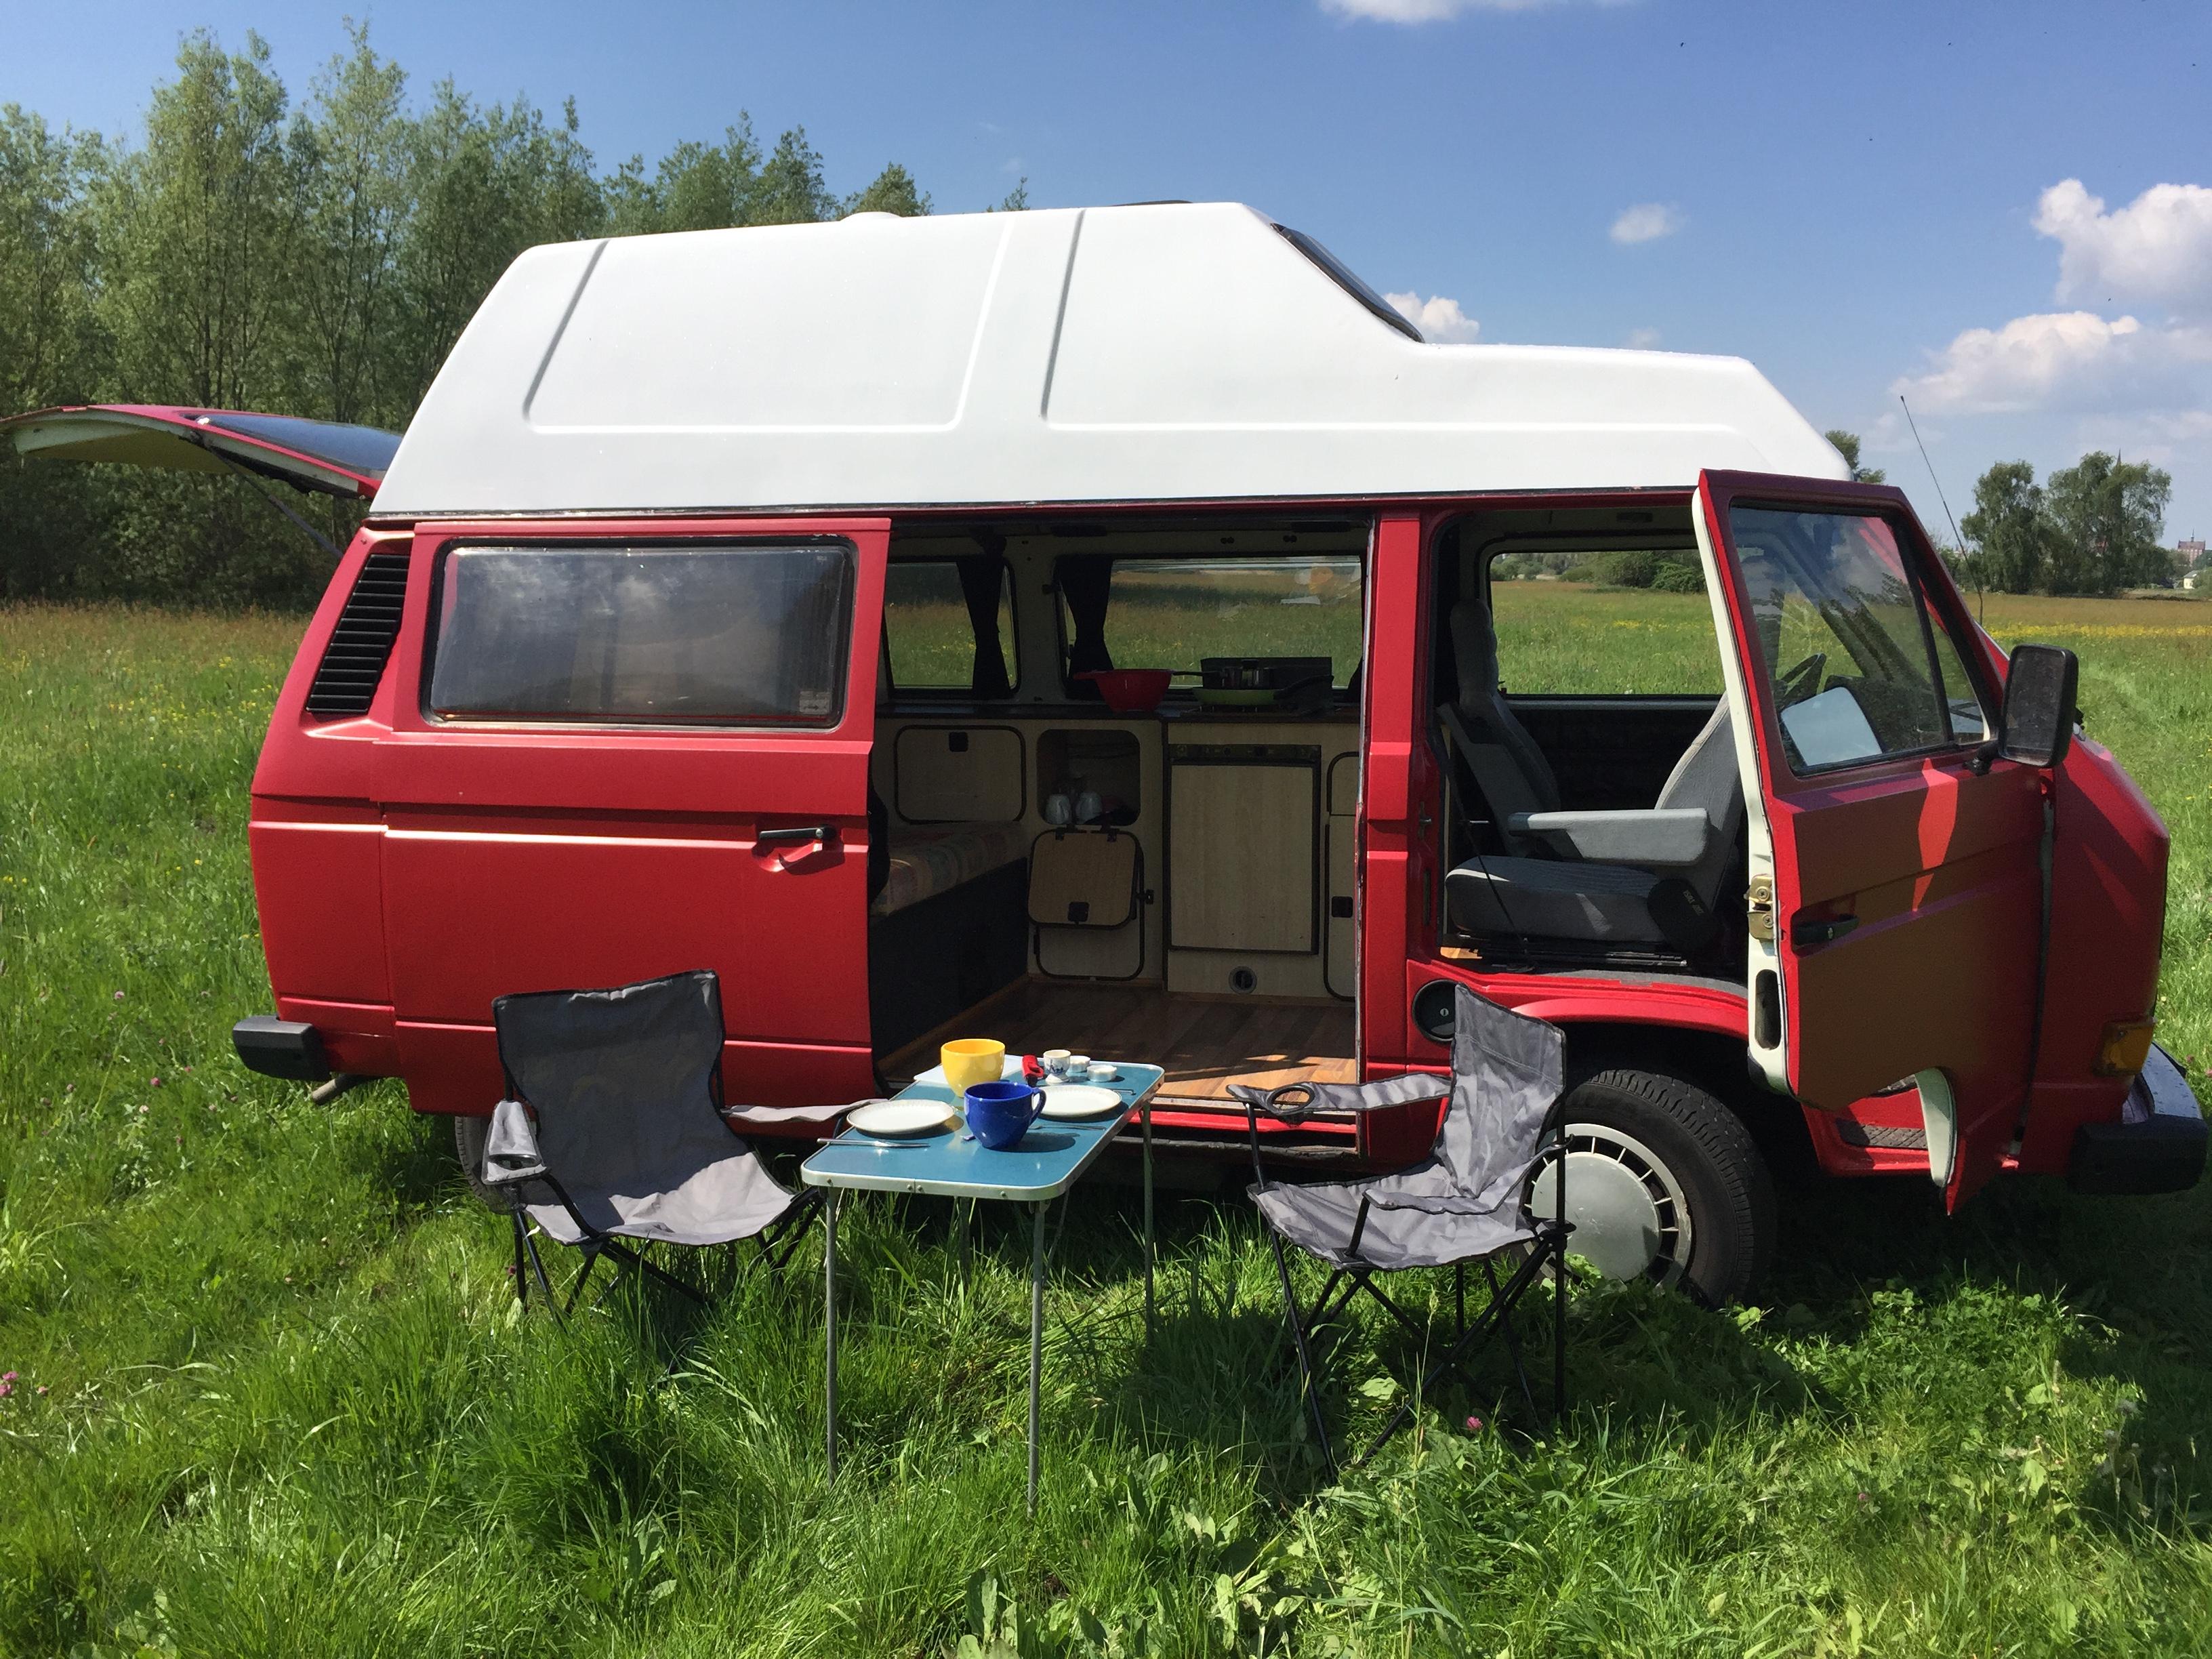 VW-T3-camper-mieten-rostock-urlaub-ostsee-schweden-norwegen-6